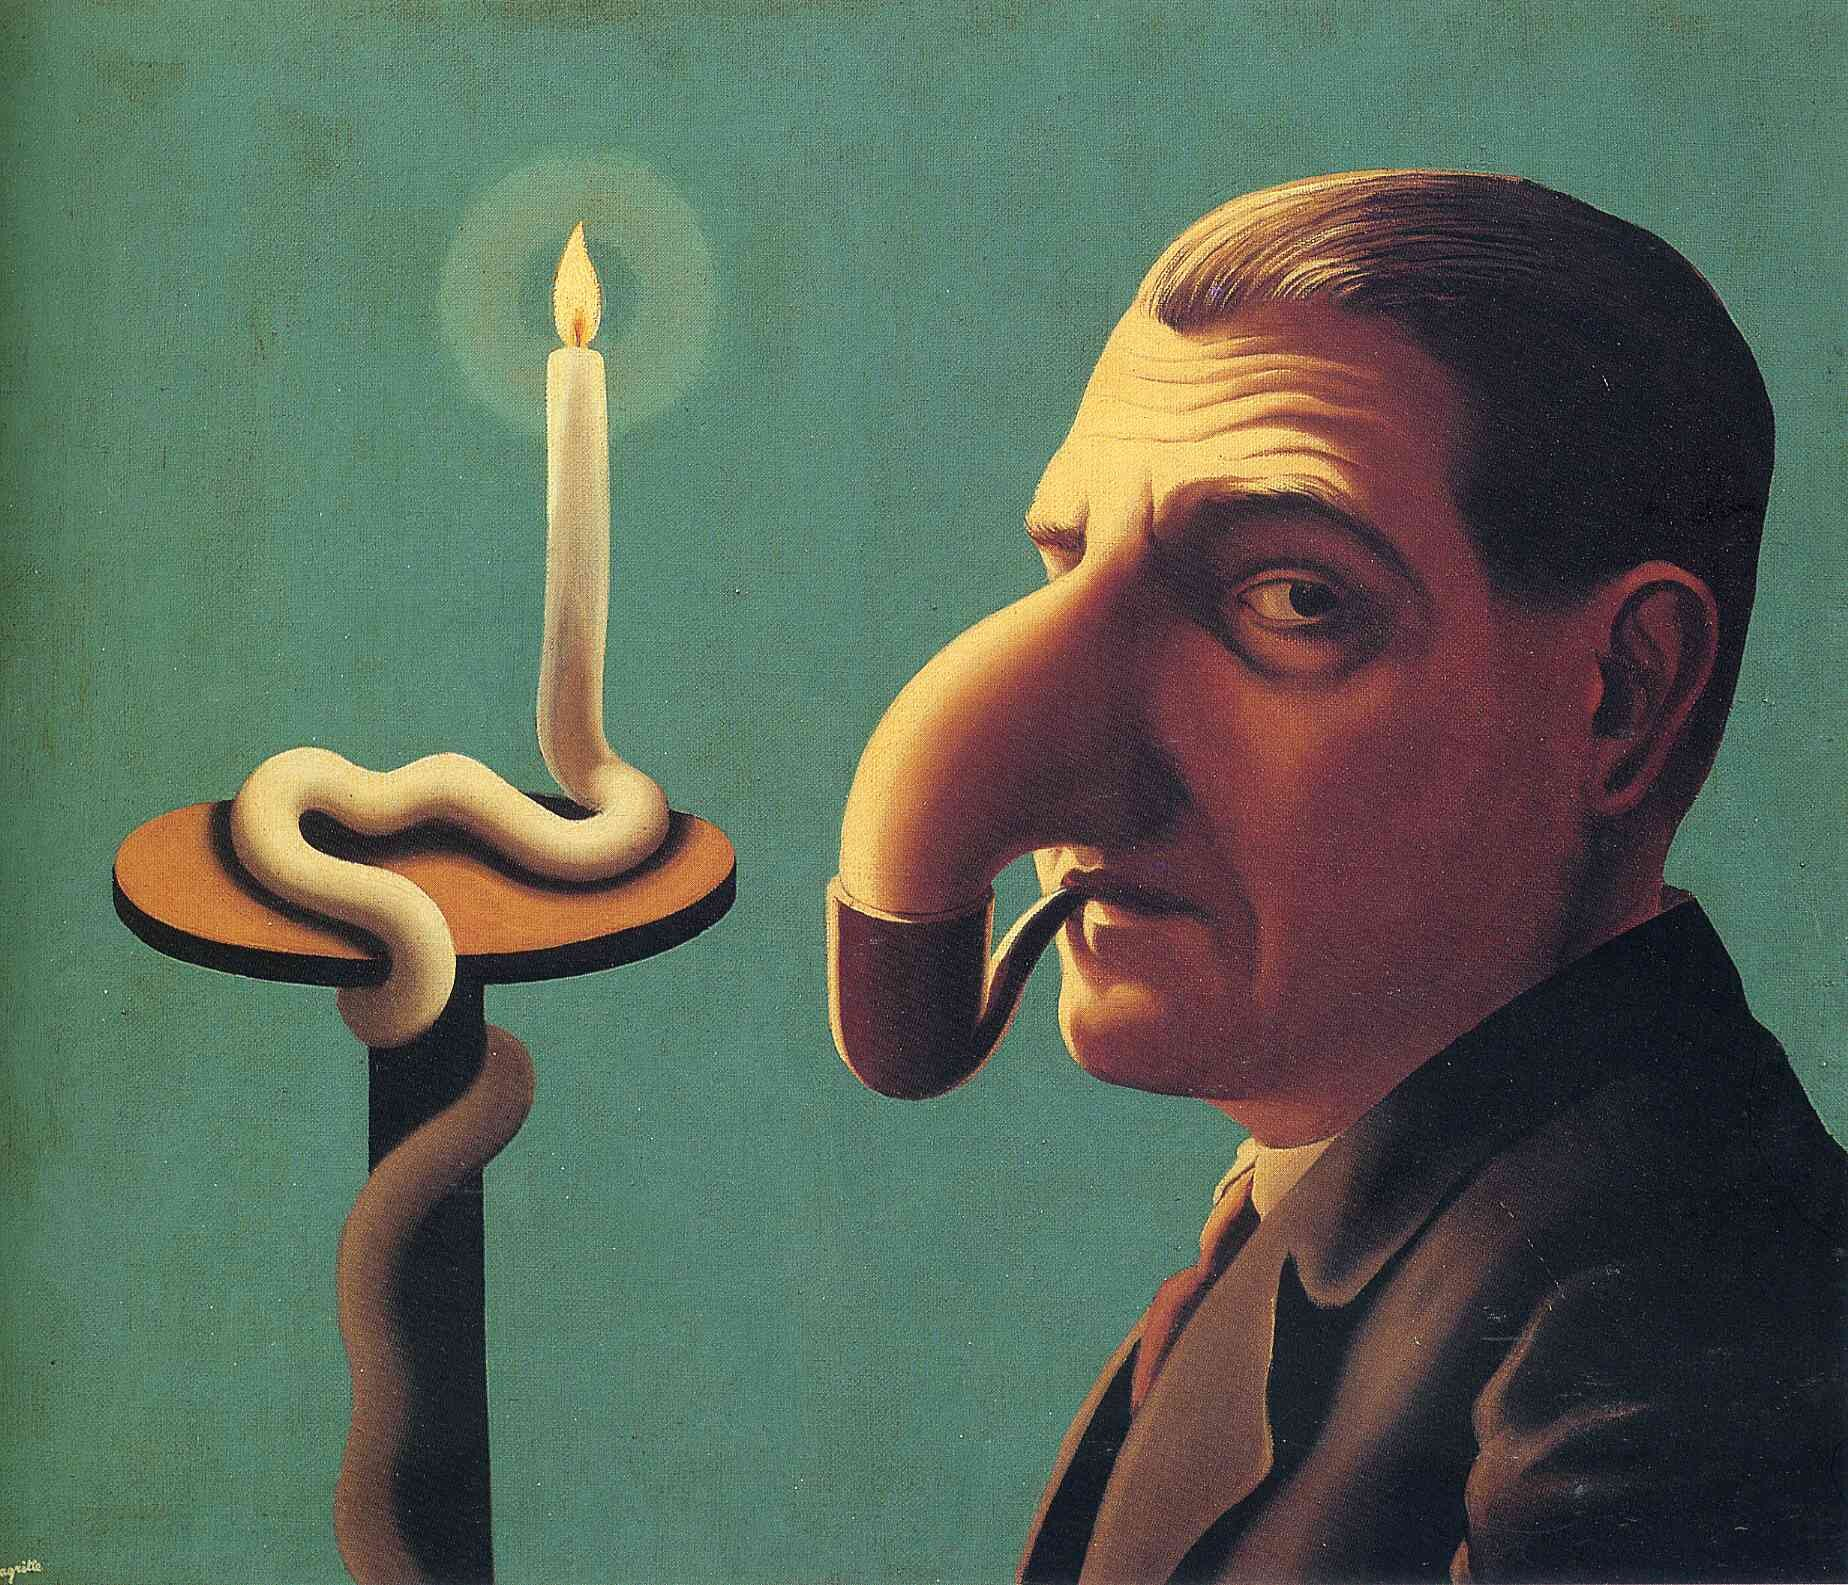 Rene Magritte, Philosopher's Lamp, 1936